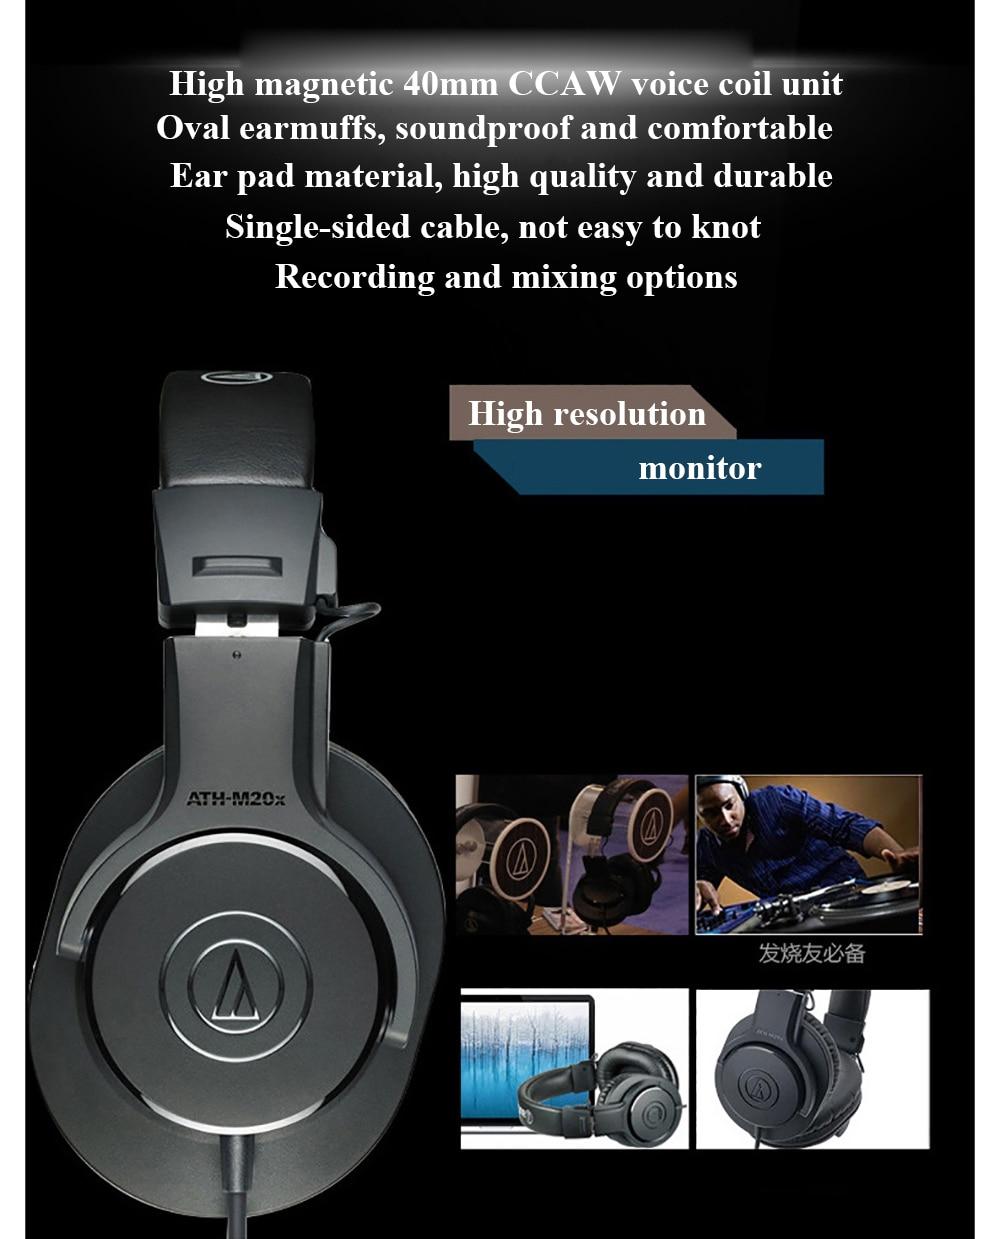 Audio-Technica ATH-M20x 6